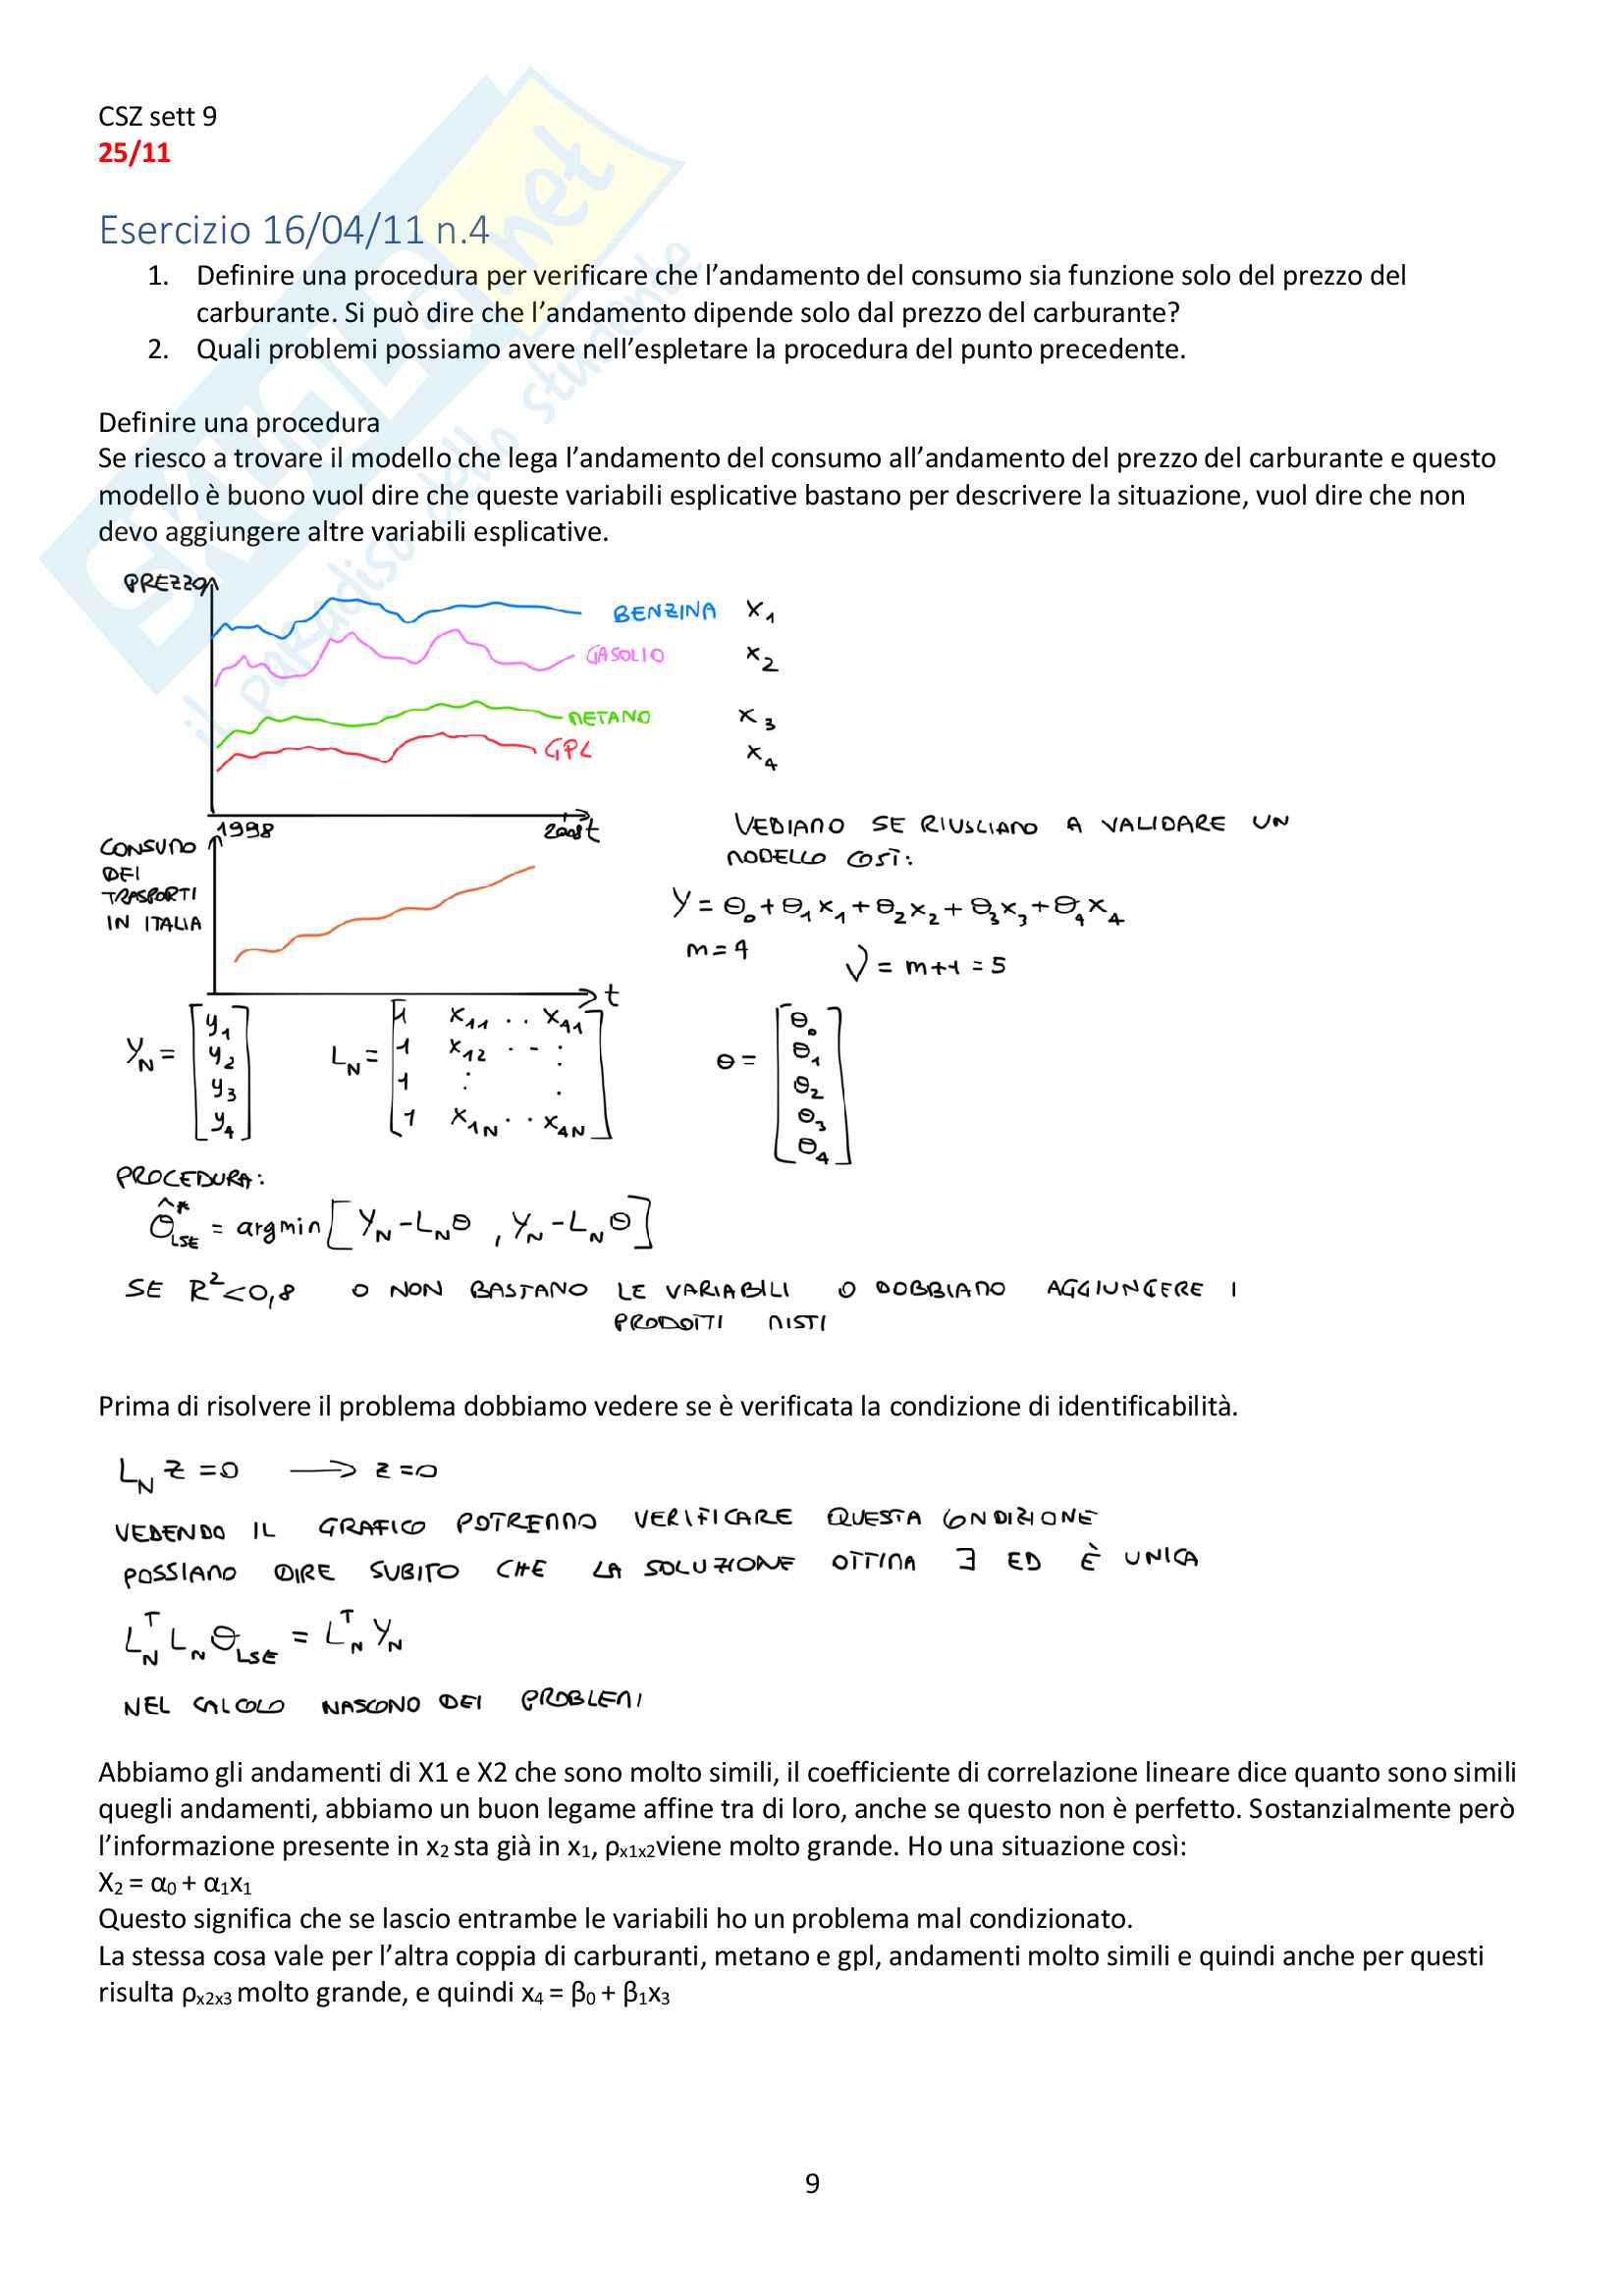 Appunti del corso Modellistica e identificazione, prof. De Santis Pag. 81